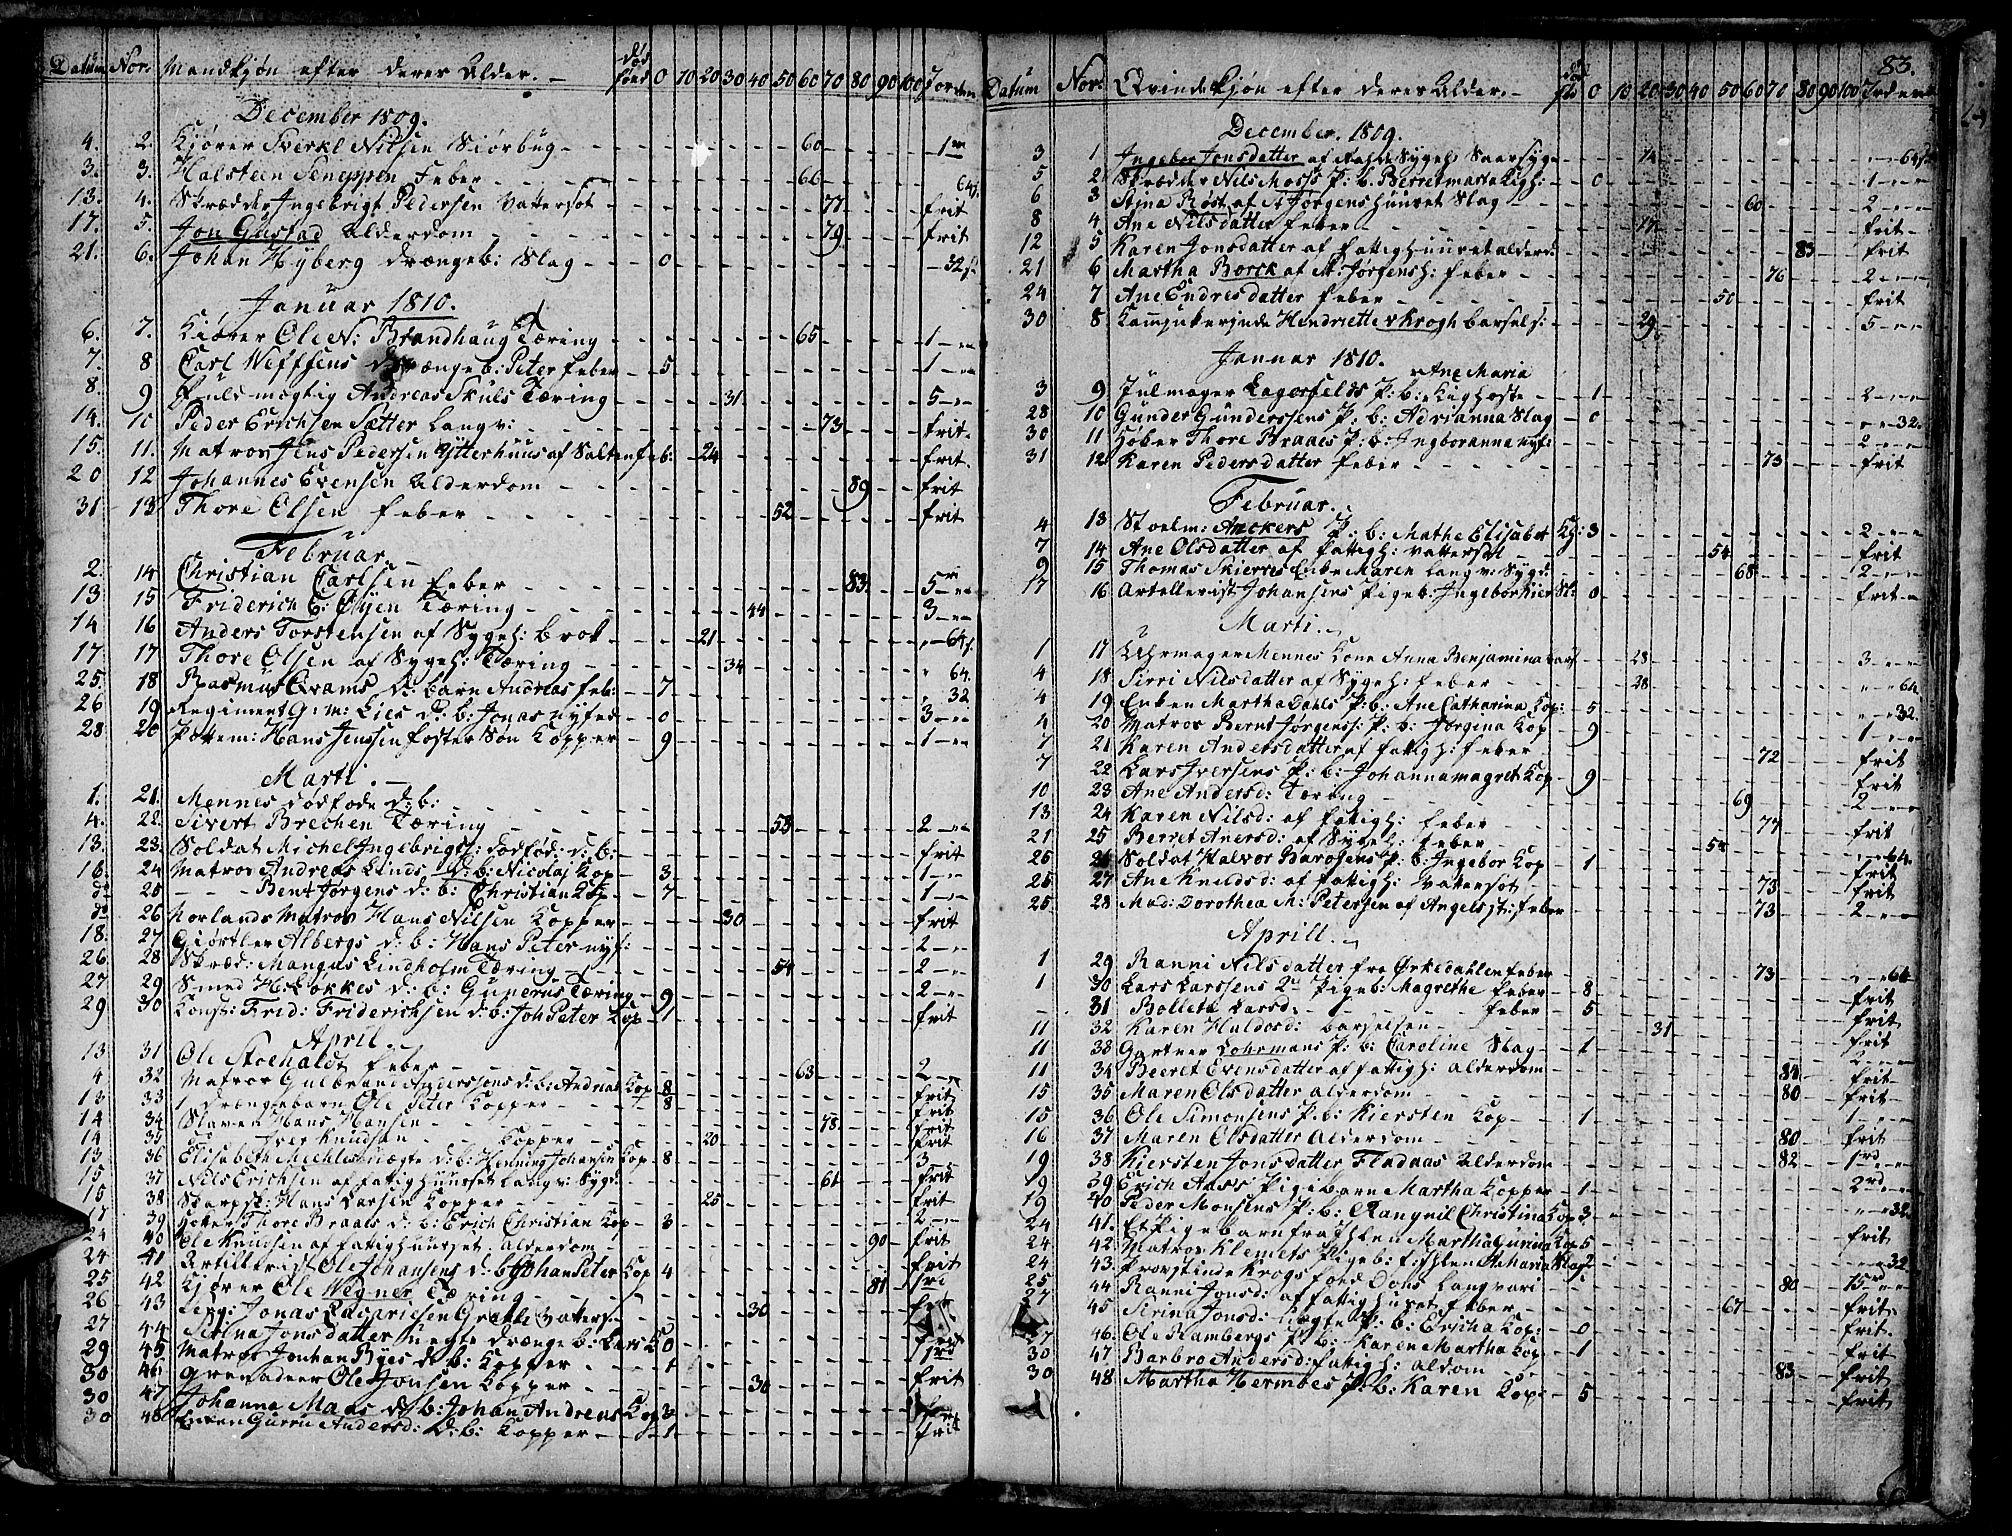 SAT, Ministerialprotokoller, klokkerbøker og fødselsregistre - Sør-Trøndelag, 601/L0040: Ministerialbok nr. 601A08, 1783-1818, s. 83